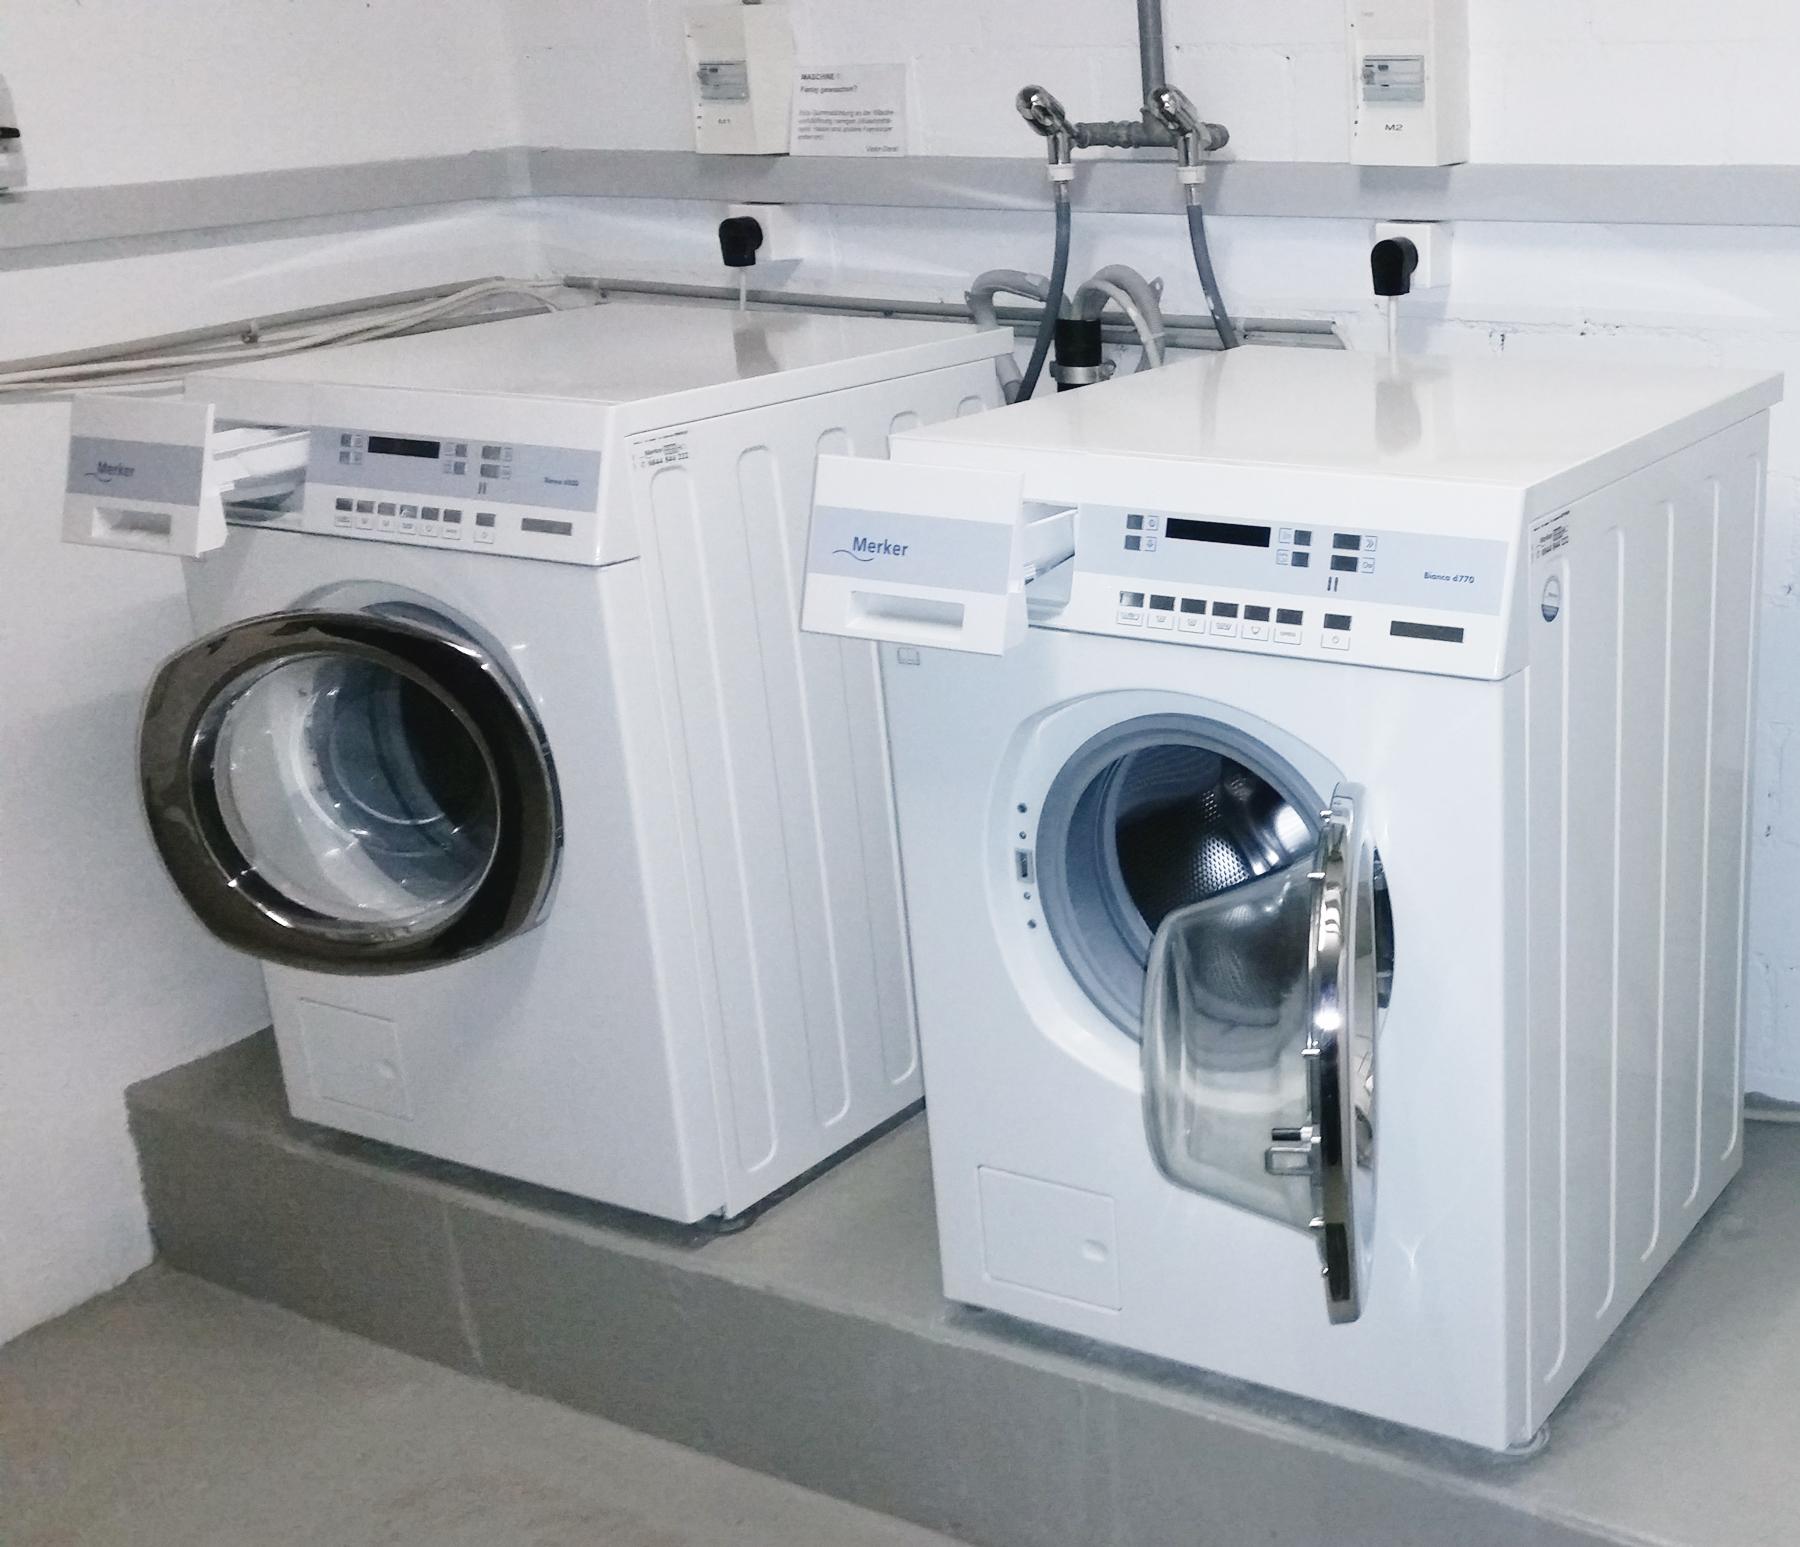 waschmaschine und tumbler turm waschmaschine und trockner. Black Bedroom Furniture Sets. Home Design Ideas